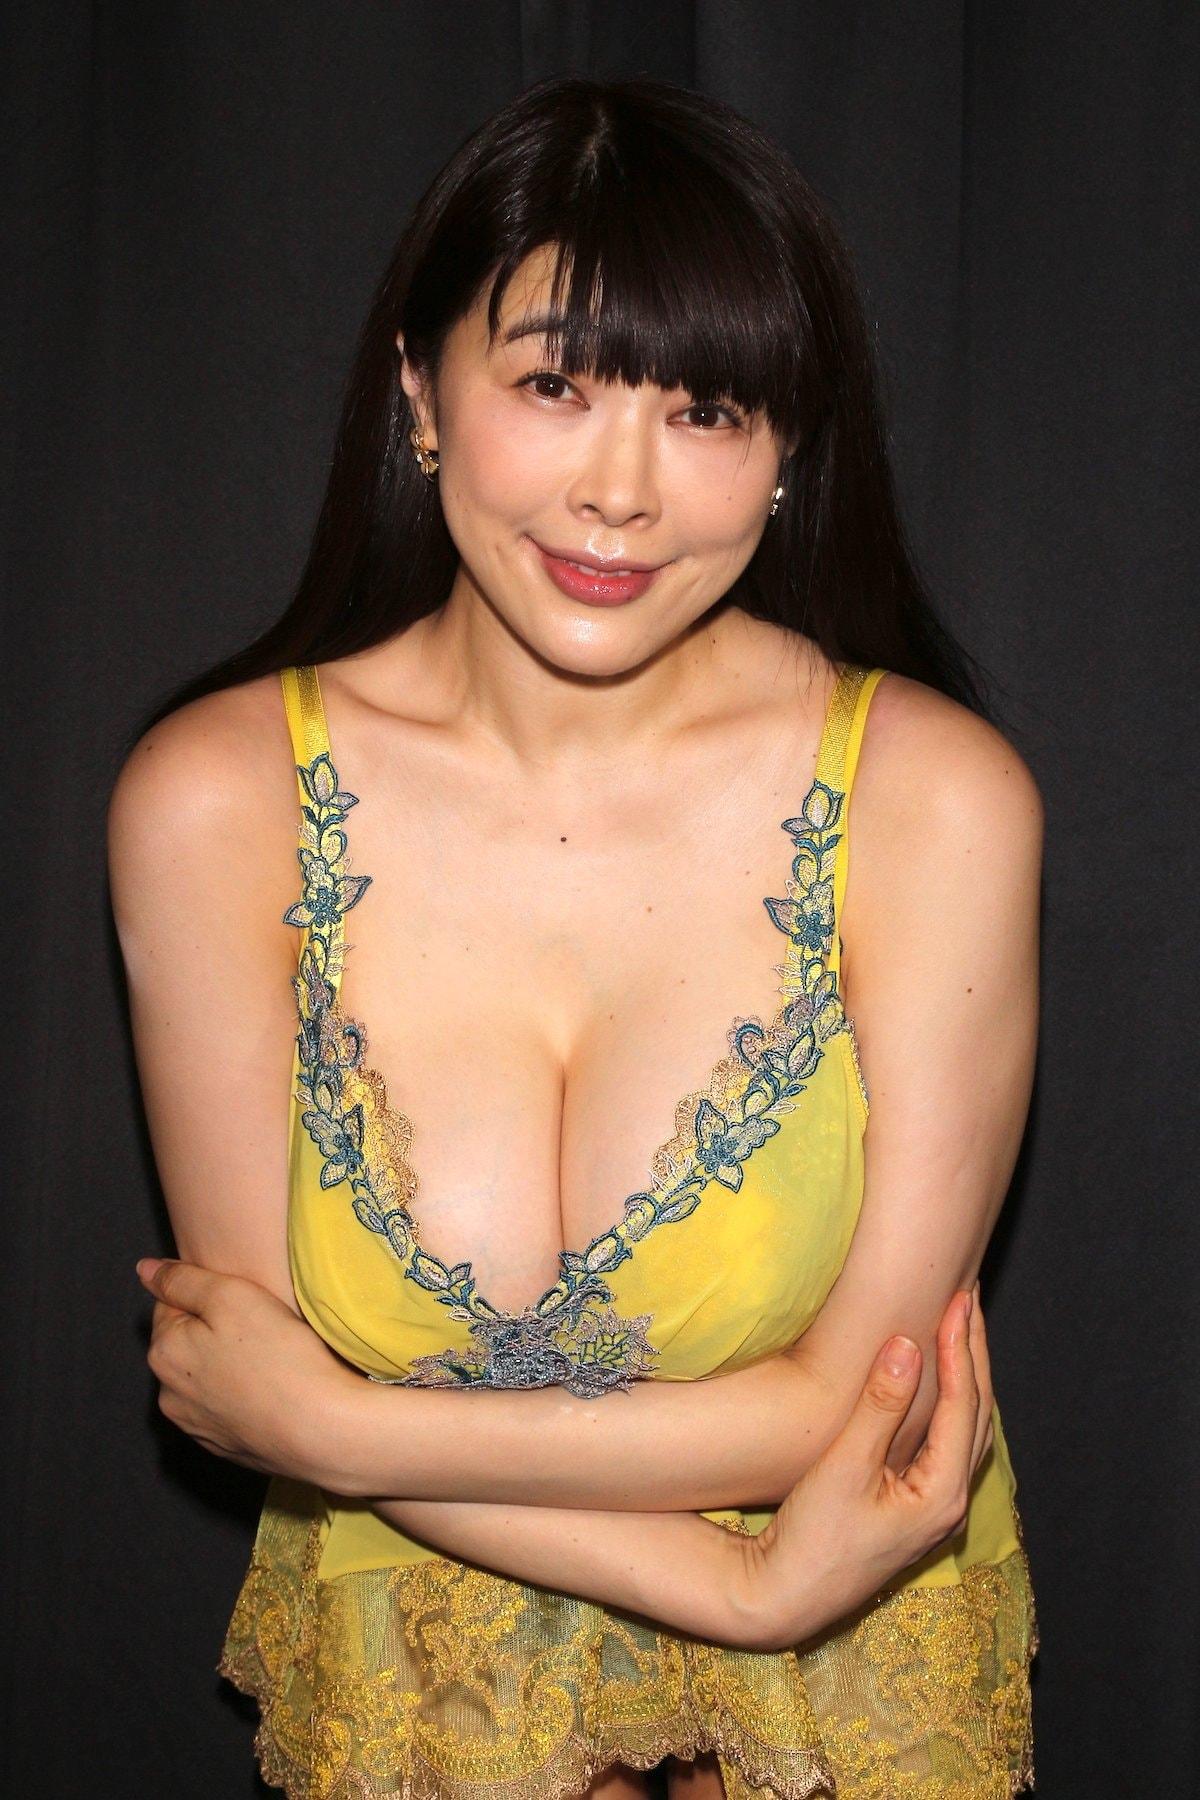 松坂南「襦袢を着崩してMっぽい雰囲気に」和風セクシーに挑戦【画像46枚】の画像046